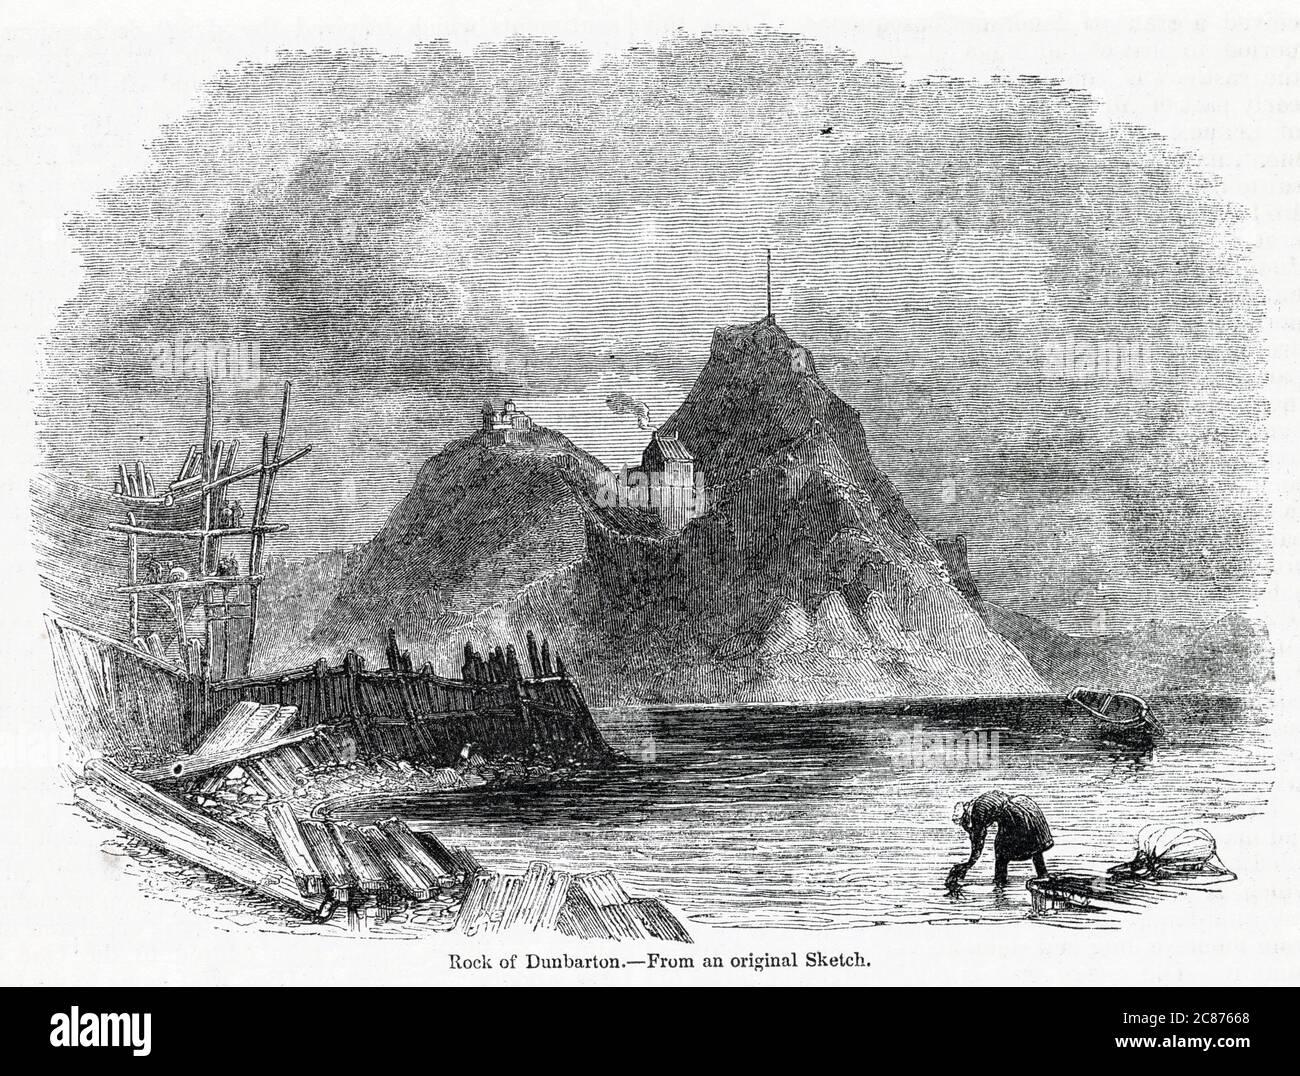 Vista del castello di Dumbarton e Dumbarton Rock, sul fiume Clyde, Scozia. Data: 1841 Foto Stock